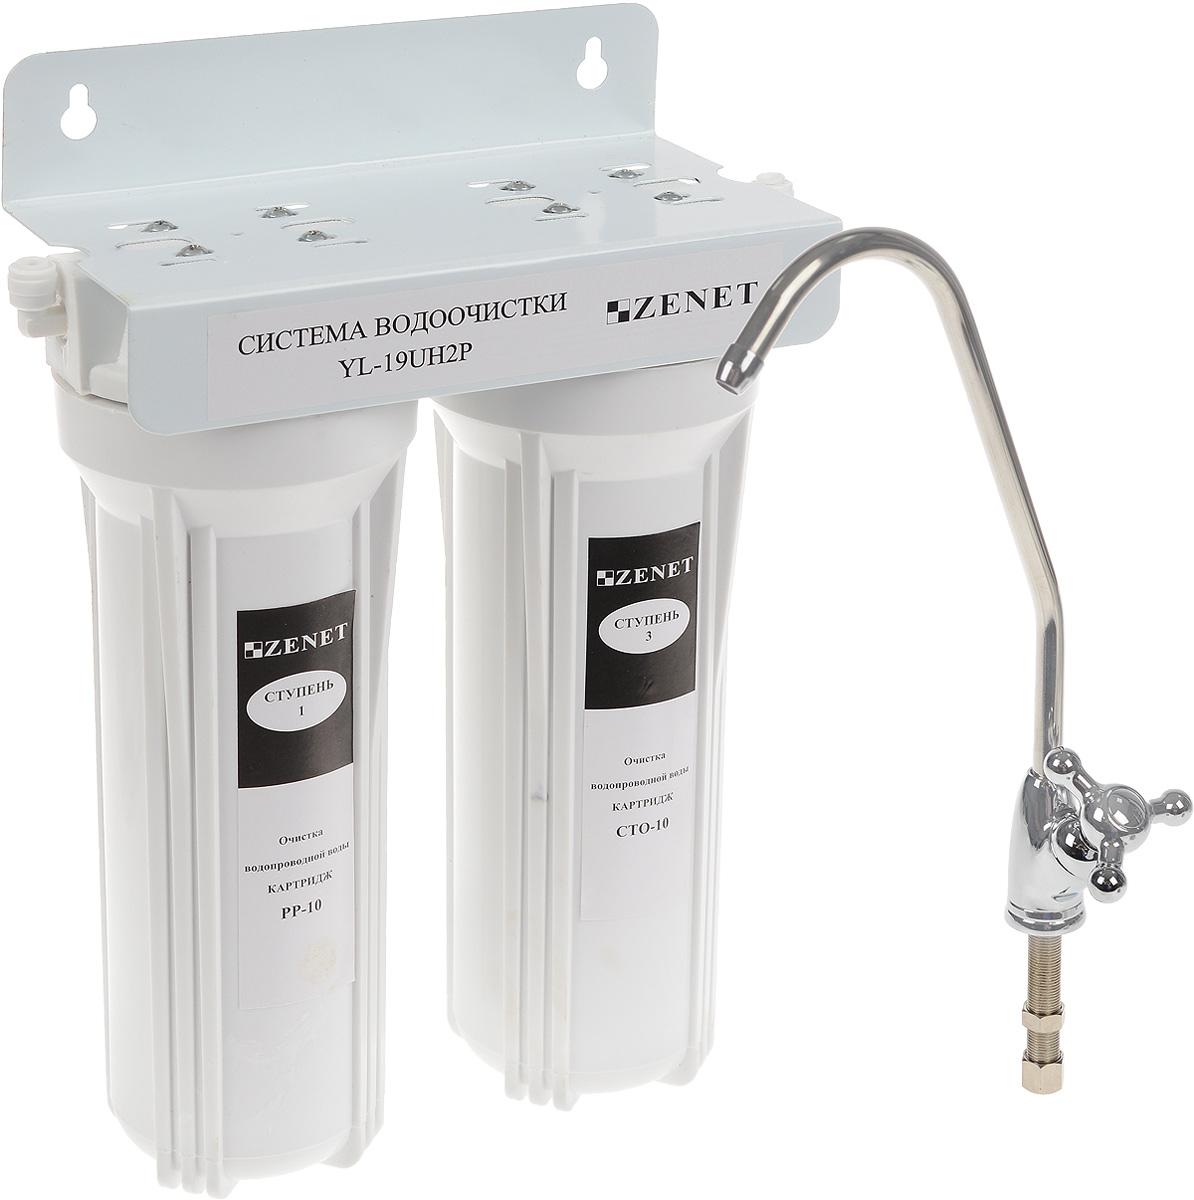 Фильтр для воды Zenet YL-19UH2P00000393Настольный фильтр для очистки воды Zenet YL-19UH2P представляет собой качественную систему фильтрации водопроводной воды с эффективностью до 99 %. Фильтр проточного типа Zenet YL-19UH2P оснащен двумя степенями очистки. Первый уровень в проточных фильтрах для питьевой воды Zenet YL-19UH2P – это устранение механических загрязнений на полипропиленовом картридже, где задерживаются частицы свыше одного микрона: ржавчину; песок; или окалину; частицы пакли, ФУМа и других сантехнических материалов. Затем вода в настольном фильтре Zenet YL-19UH2P поступает на картридже из гранулированного угля. На этом уровне происходит устранение органических и неорганических посторонних веществ – хлора и его соединений, нитратов, пестицидов и тяжелых металлов. Фильтр проточного типа Zenet YL-19UH2P способен справиться даже с патогенными для человека микроорганизмами, например, с кишечной палочкой. Фильтры для очистки питьевой воды Zenet YL-19UH2P работают при...